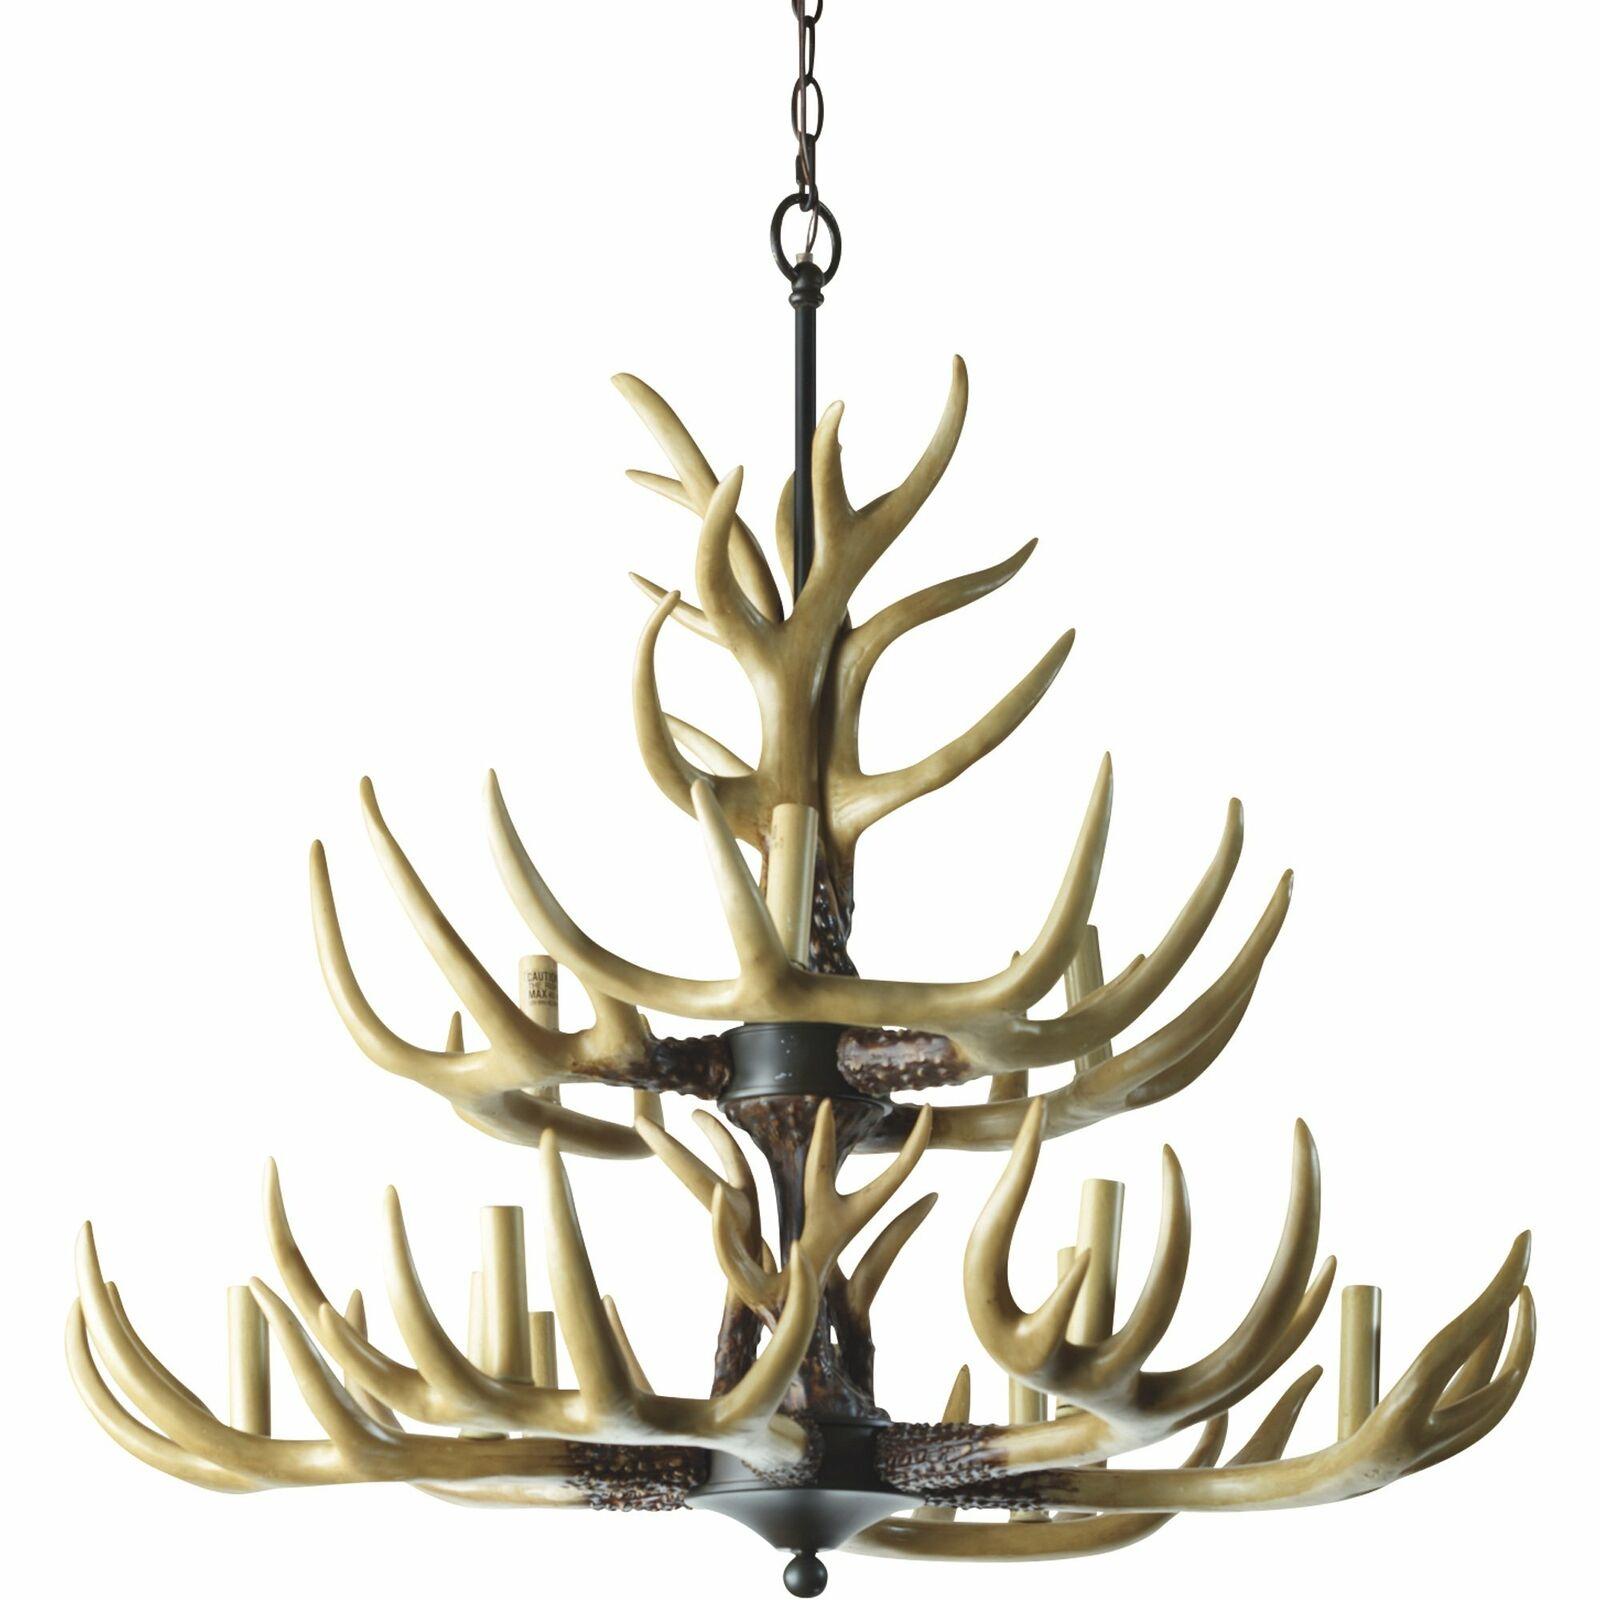 Twelve Light Deer Buck Antler Ceiling Chandelier Decorative Lighting 36 Chain For Sale Online